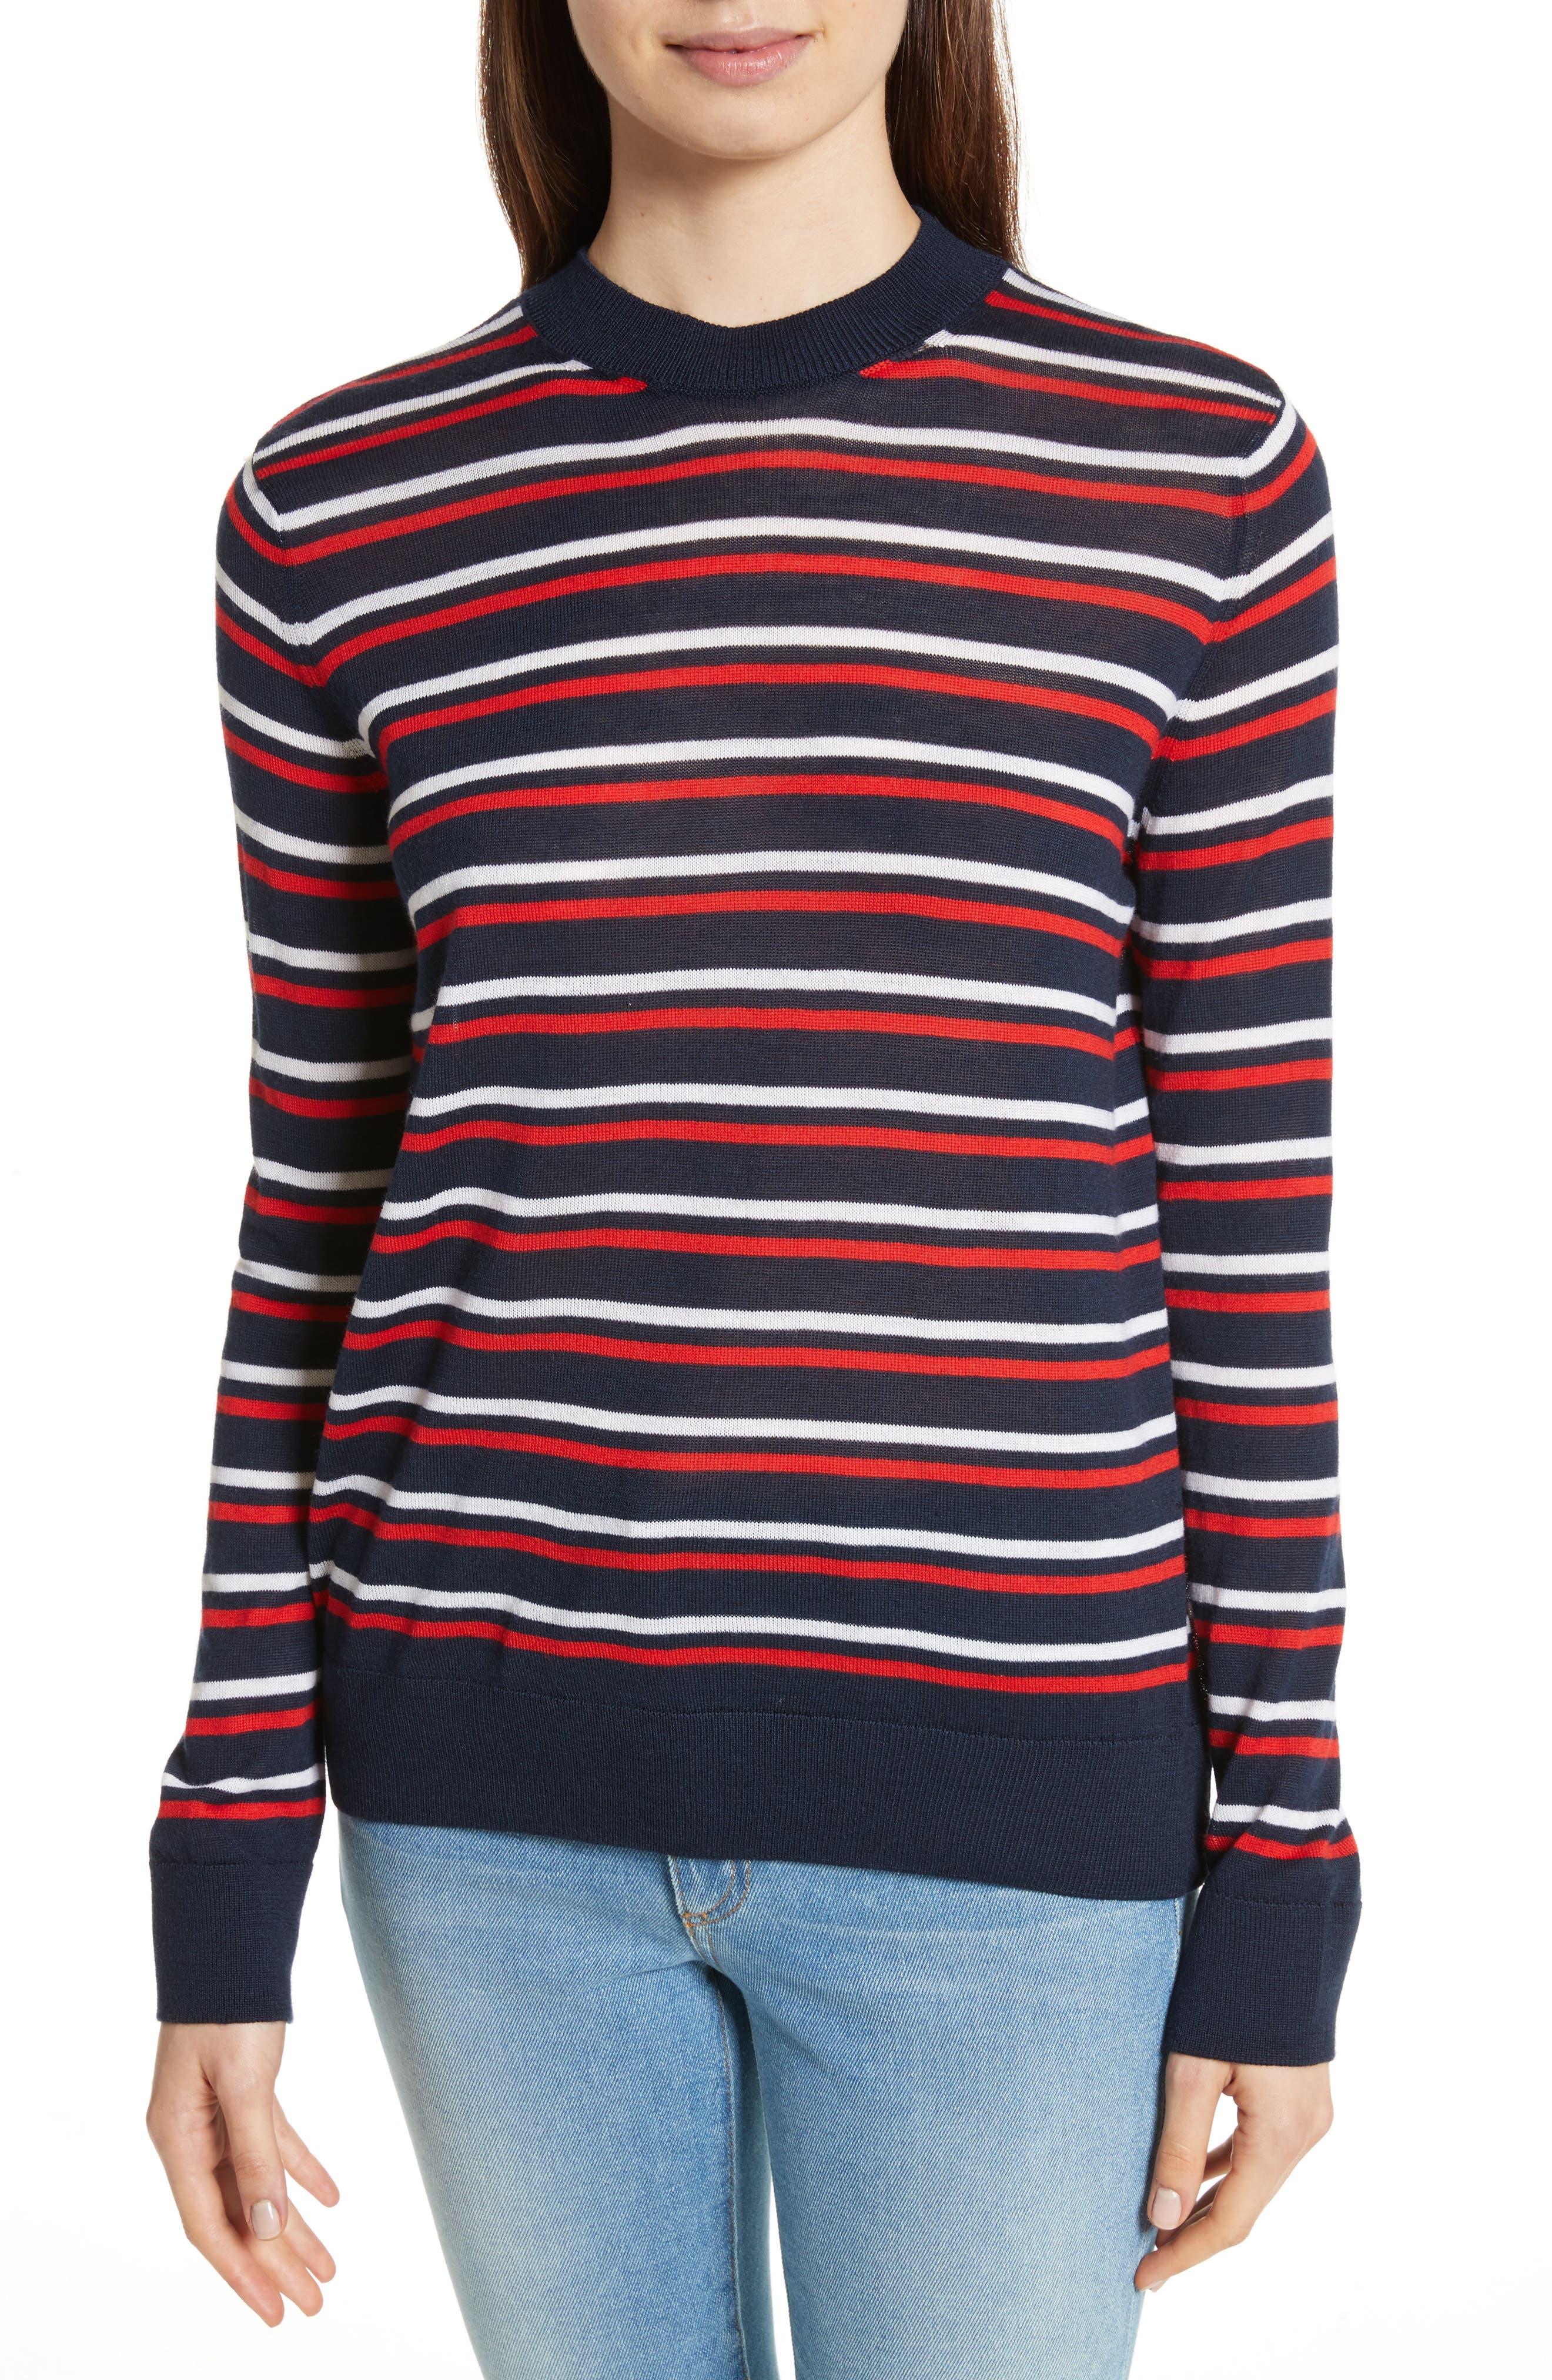 être cécile Stripe Knit Boyfriend Sweater,                         Main,                         color, Marine Blue/ Red/ White